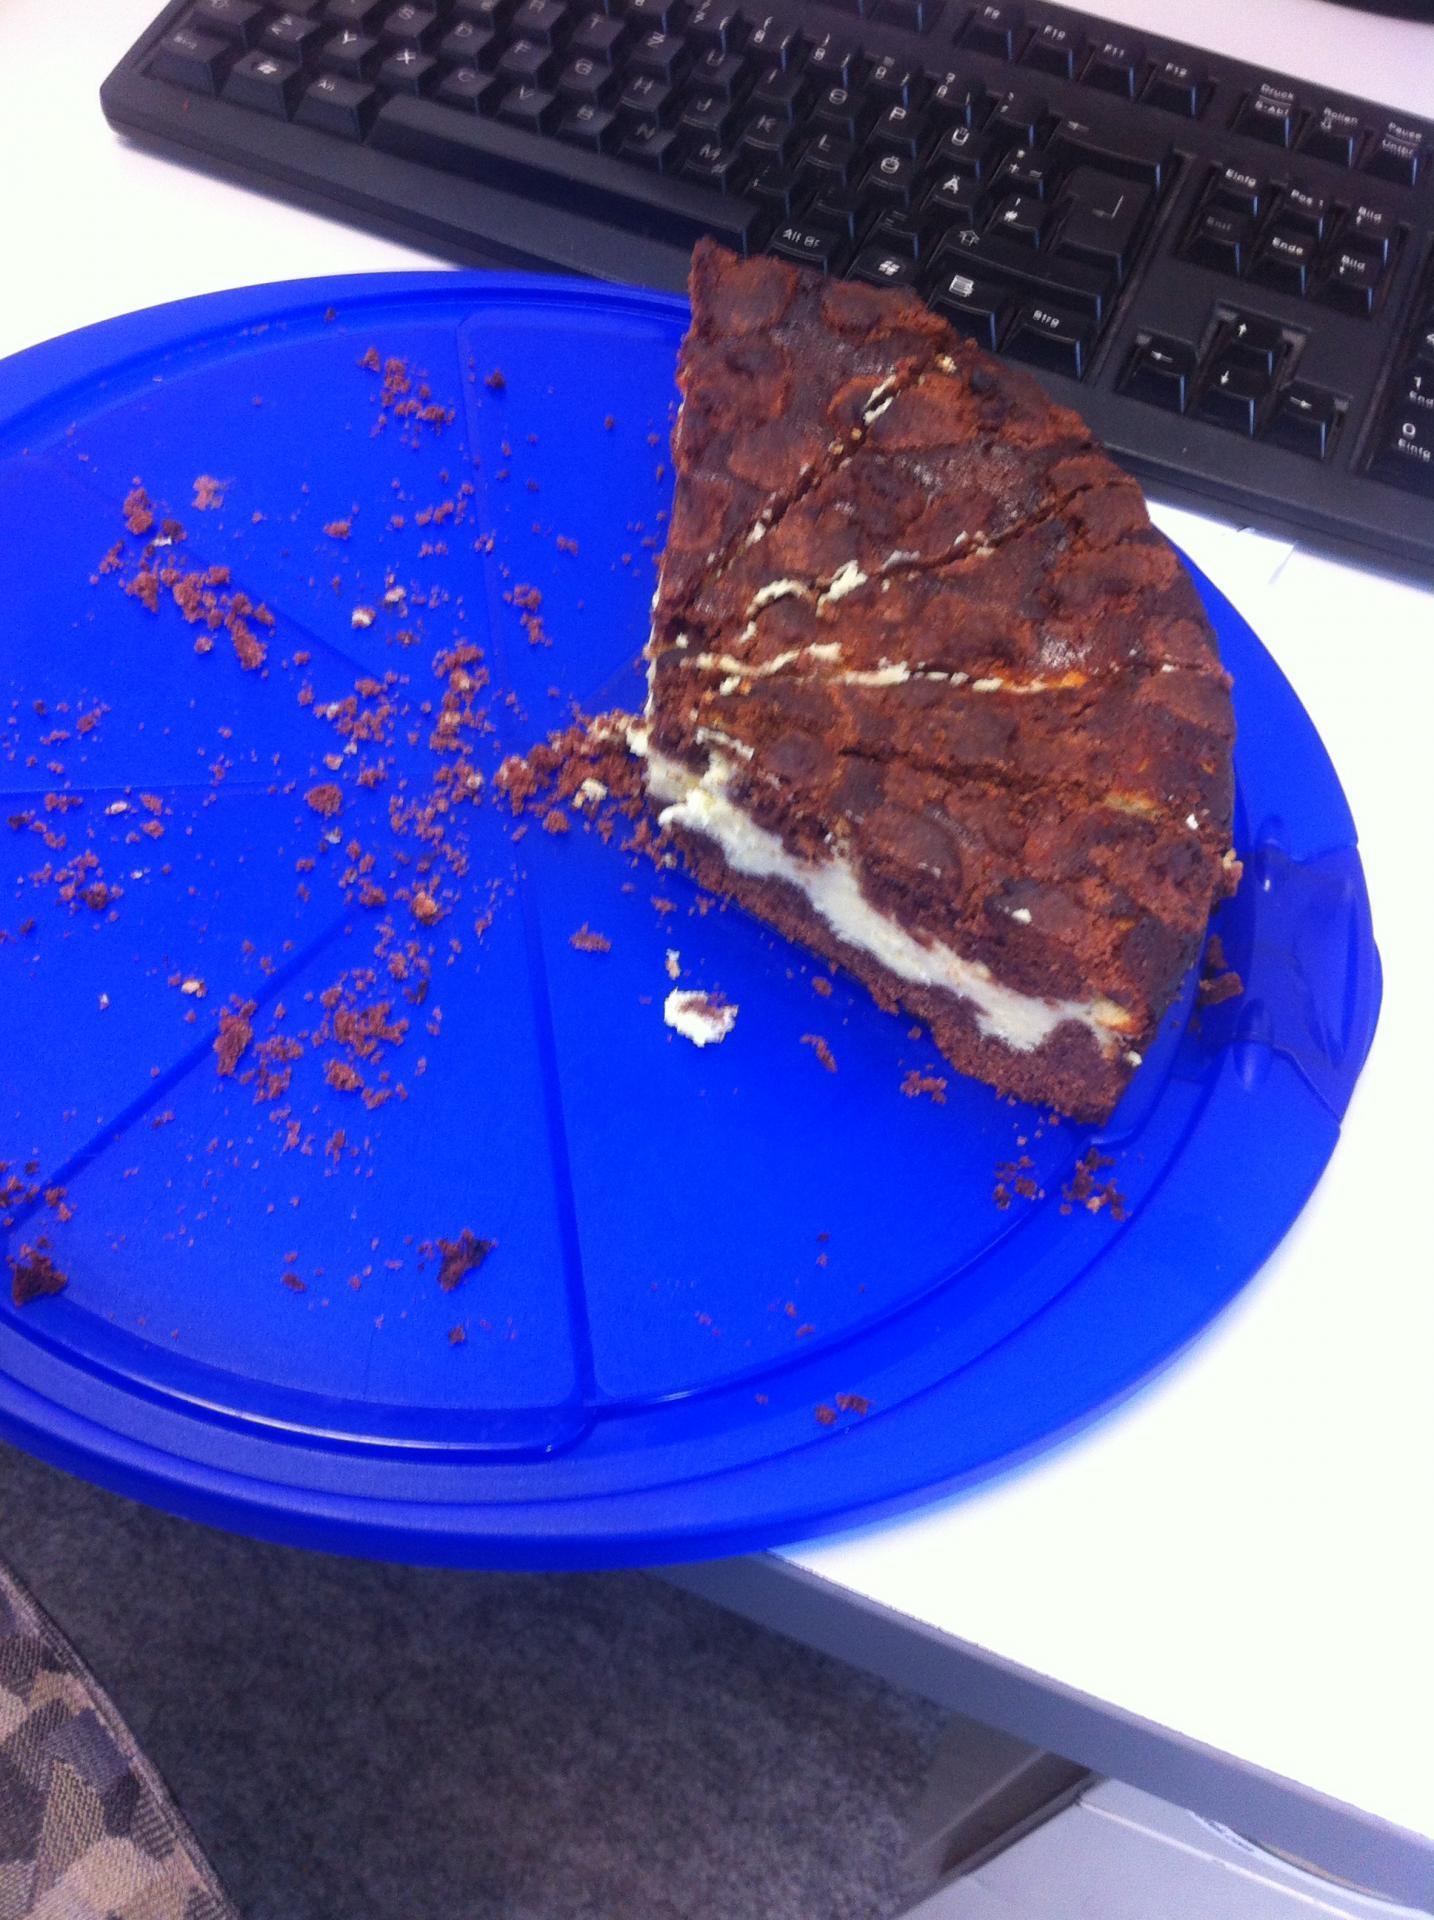 Das letzte Stück Kuchen von unserem Azubi